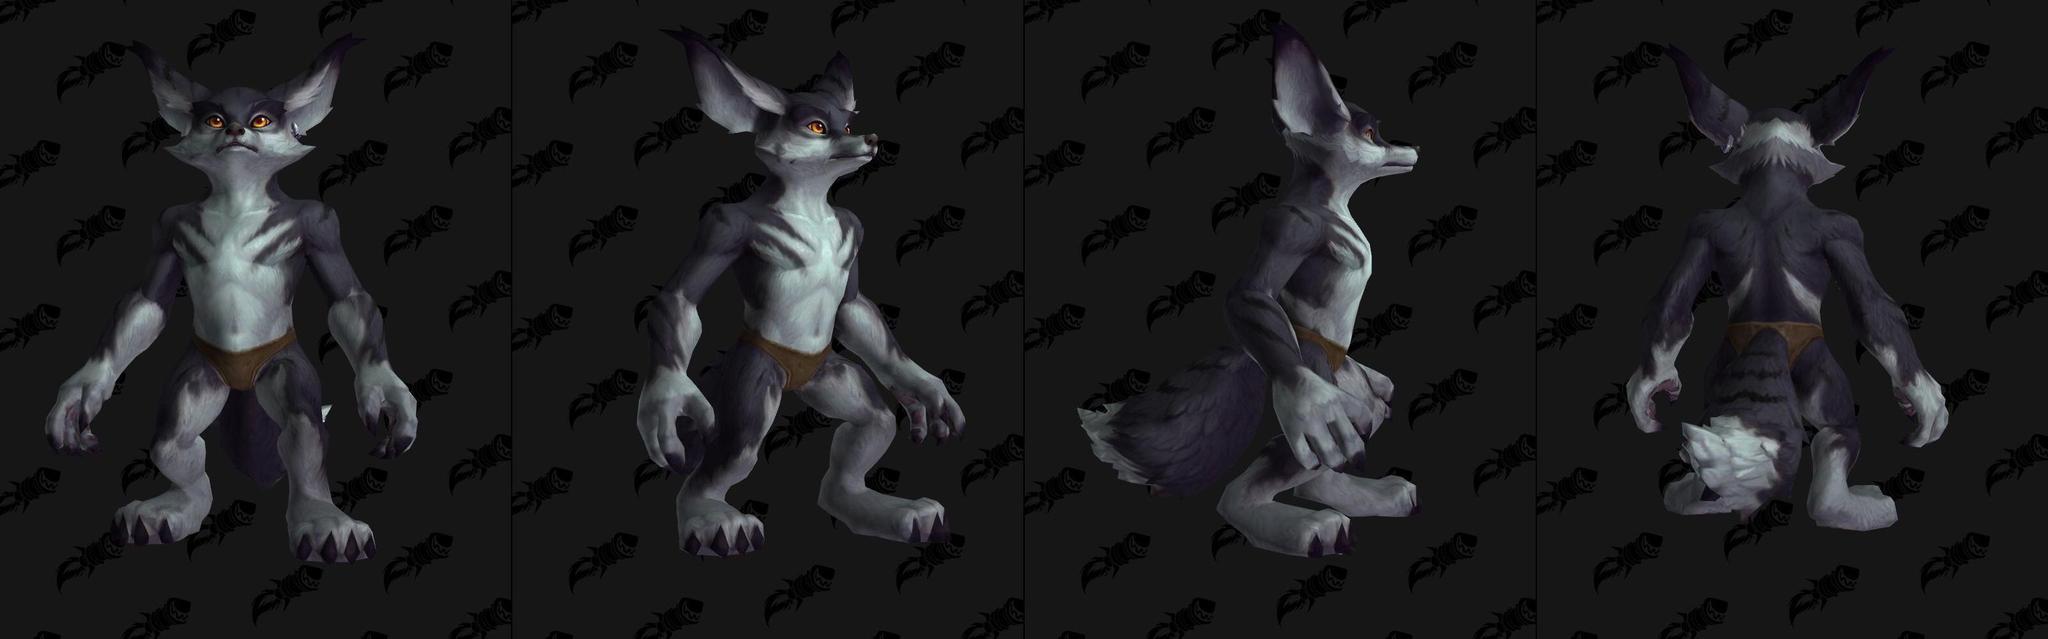 《魔兽世界》8。0狐人新增毛皮定制选项和特殊动作!